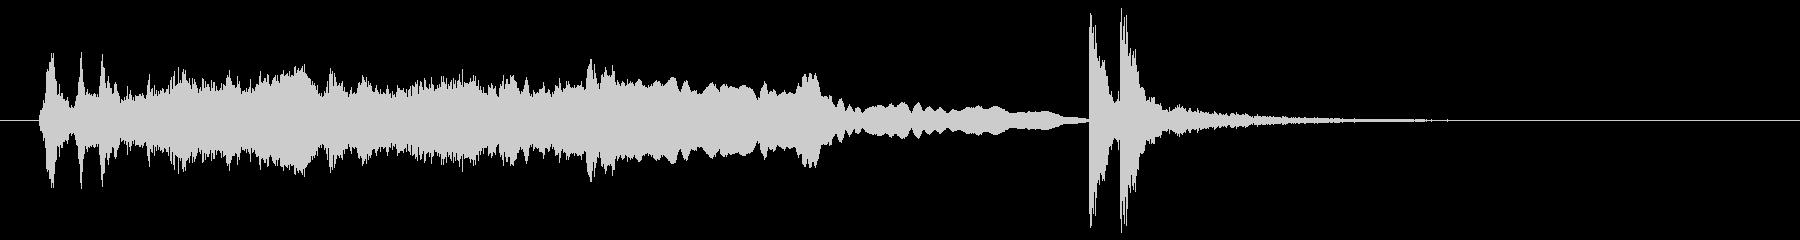 和風 掛け声よー深妙な感じ 笛、鼓 2の未再生の波形